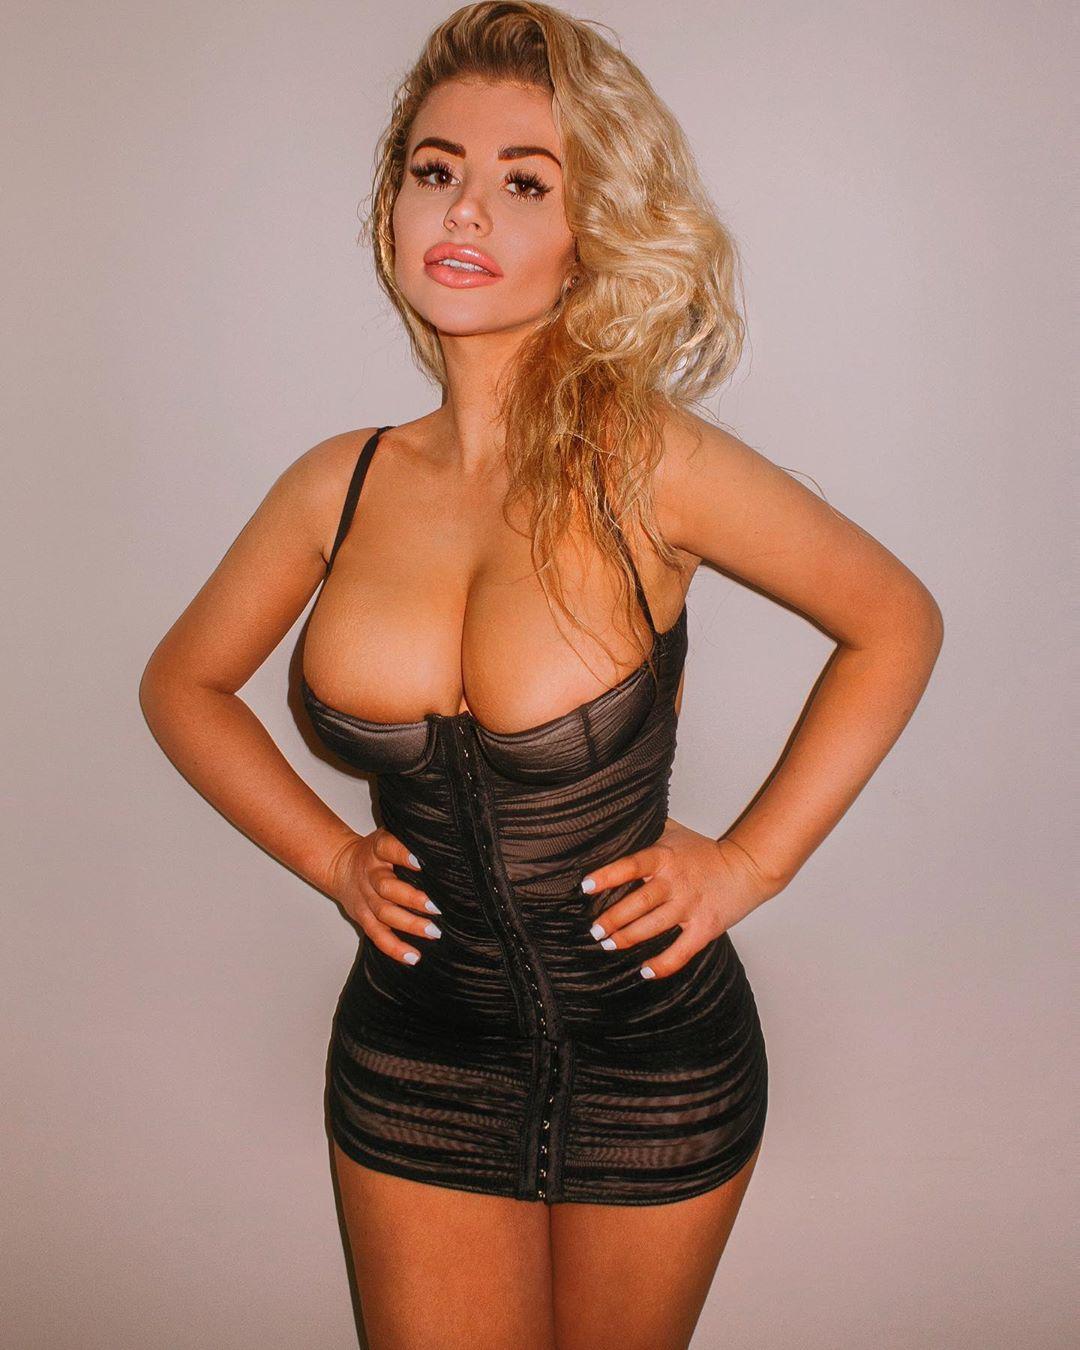 Chloe Ayling é a concorrente mais ousada do Big Brother